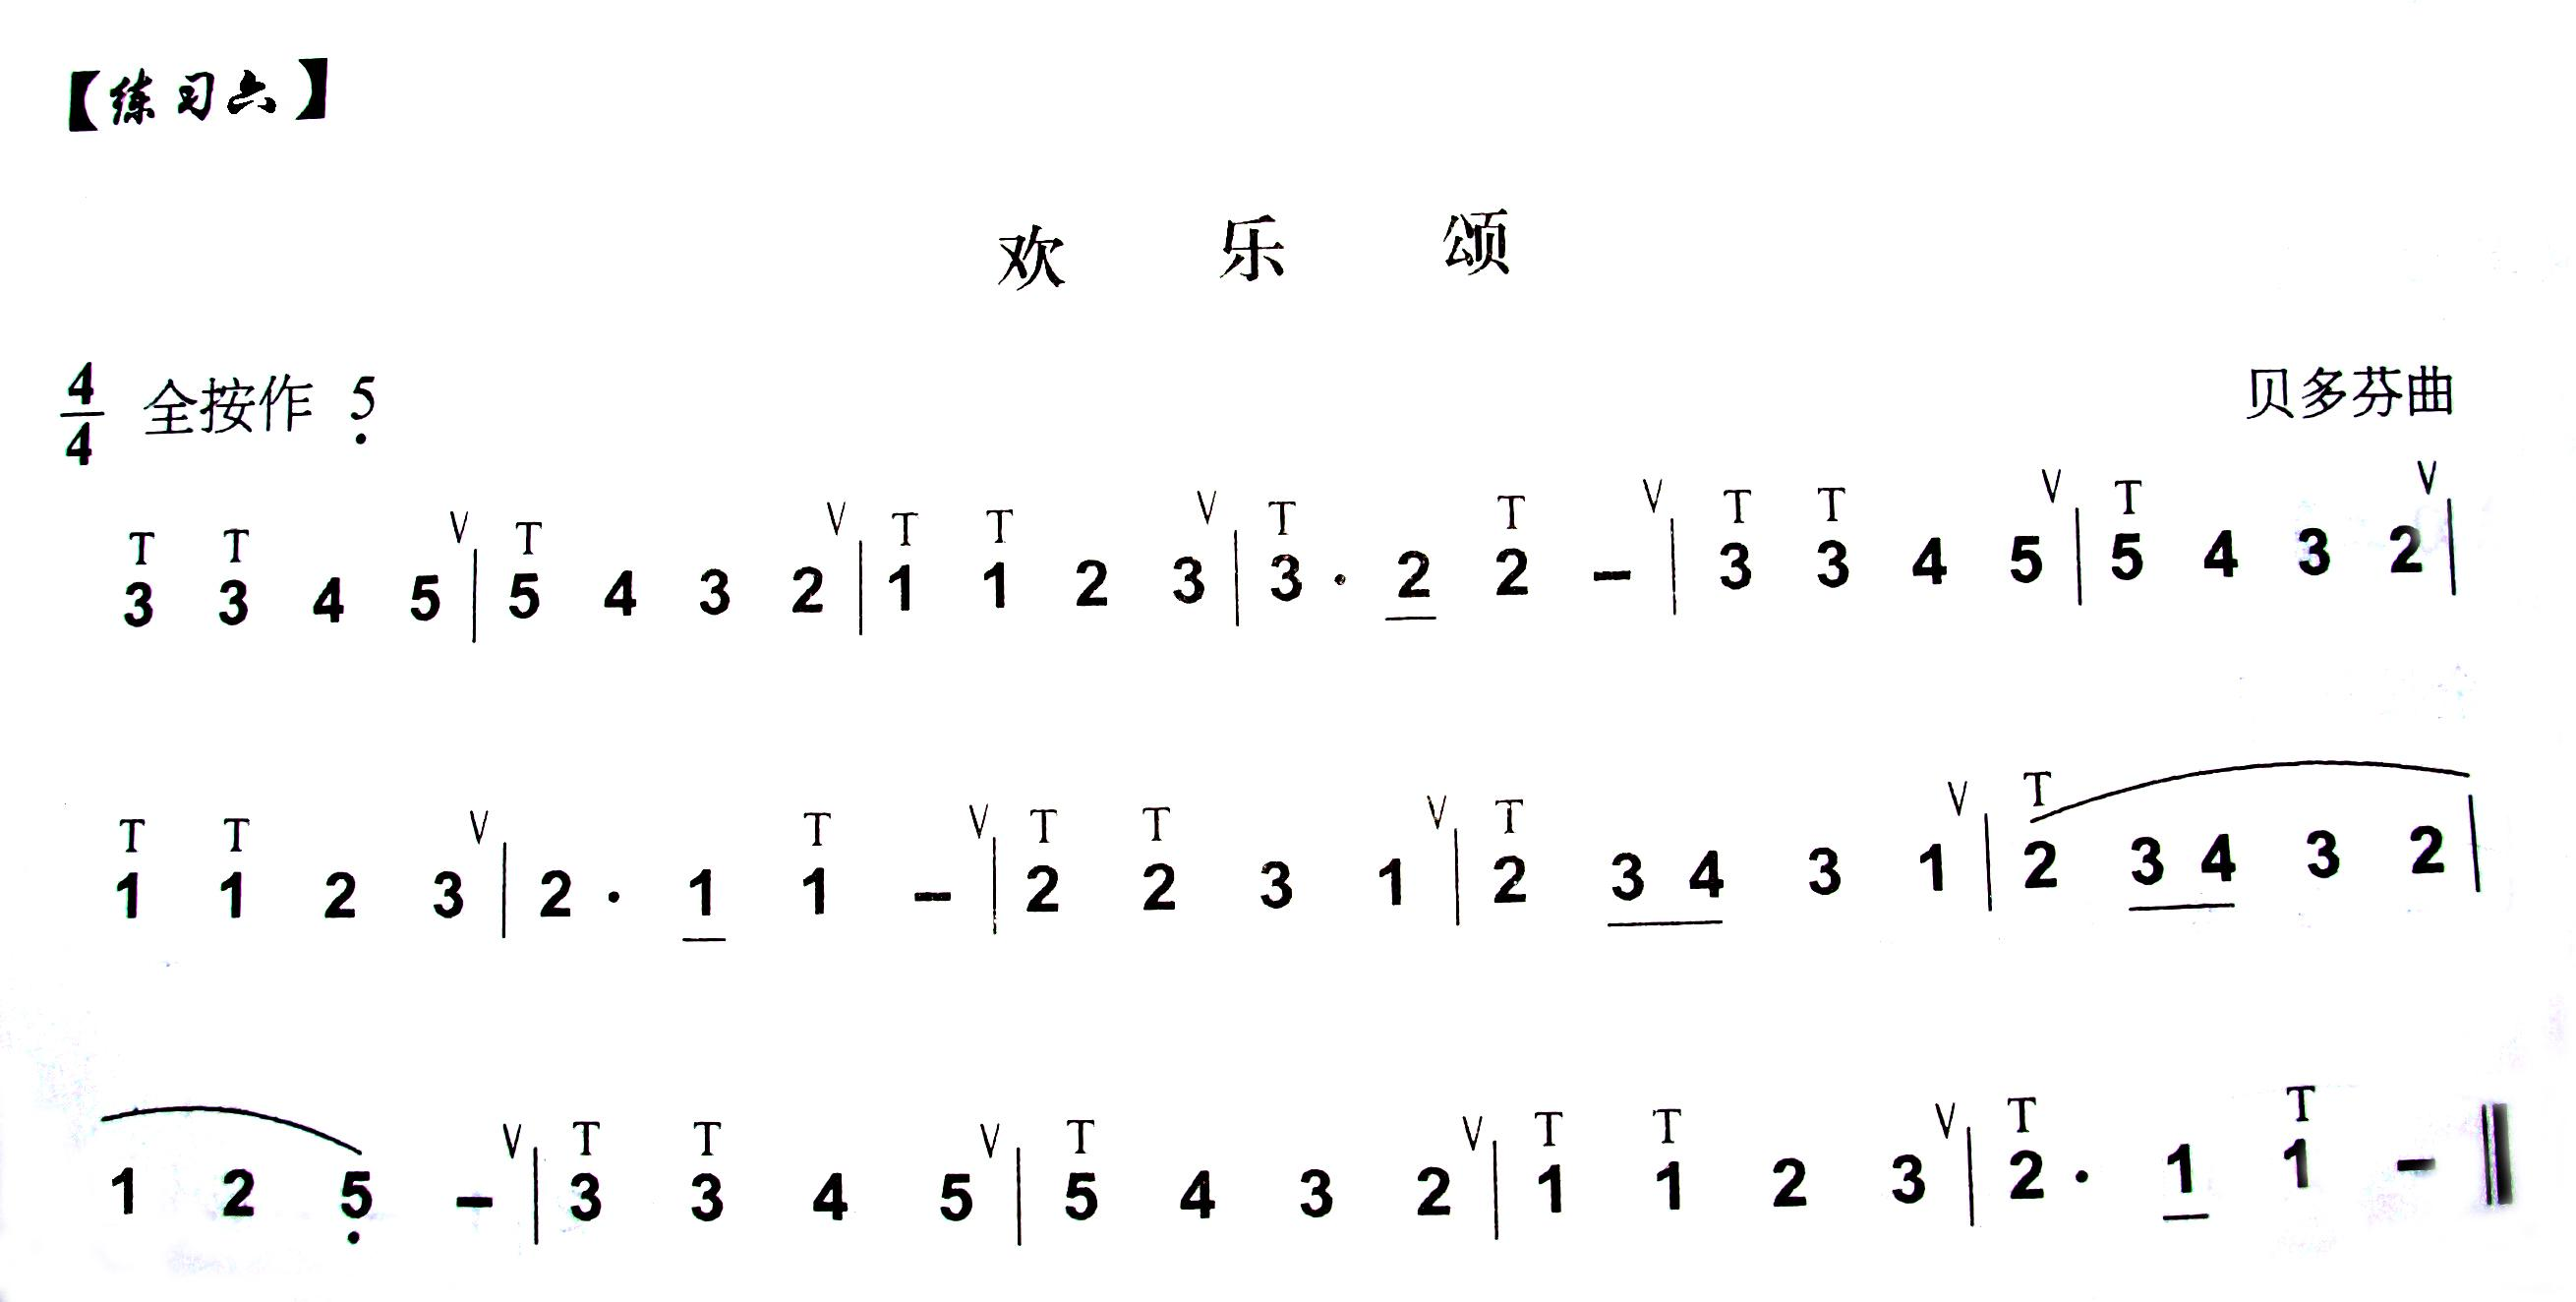 请大家推荐几个简单一点的葫芦丝简谱图片